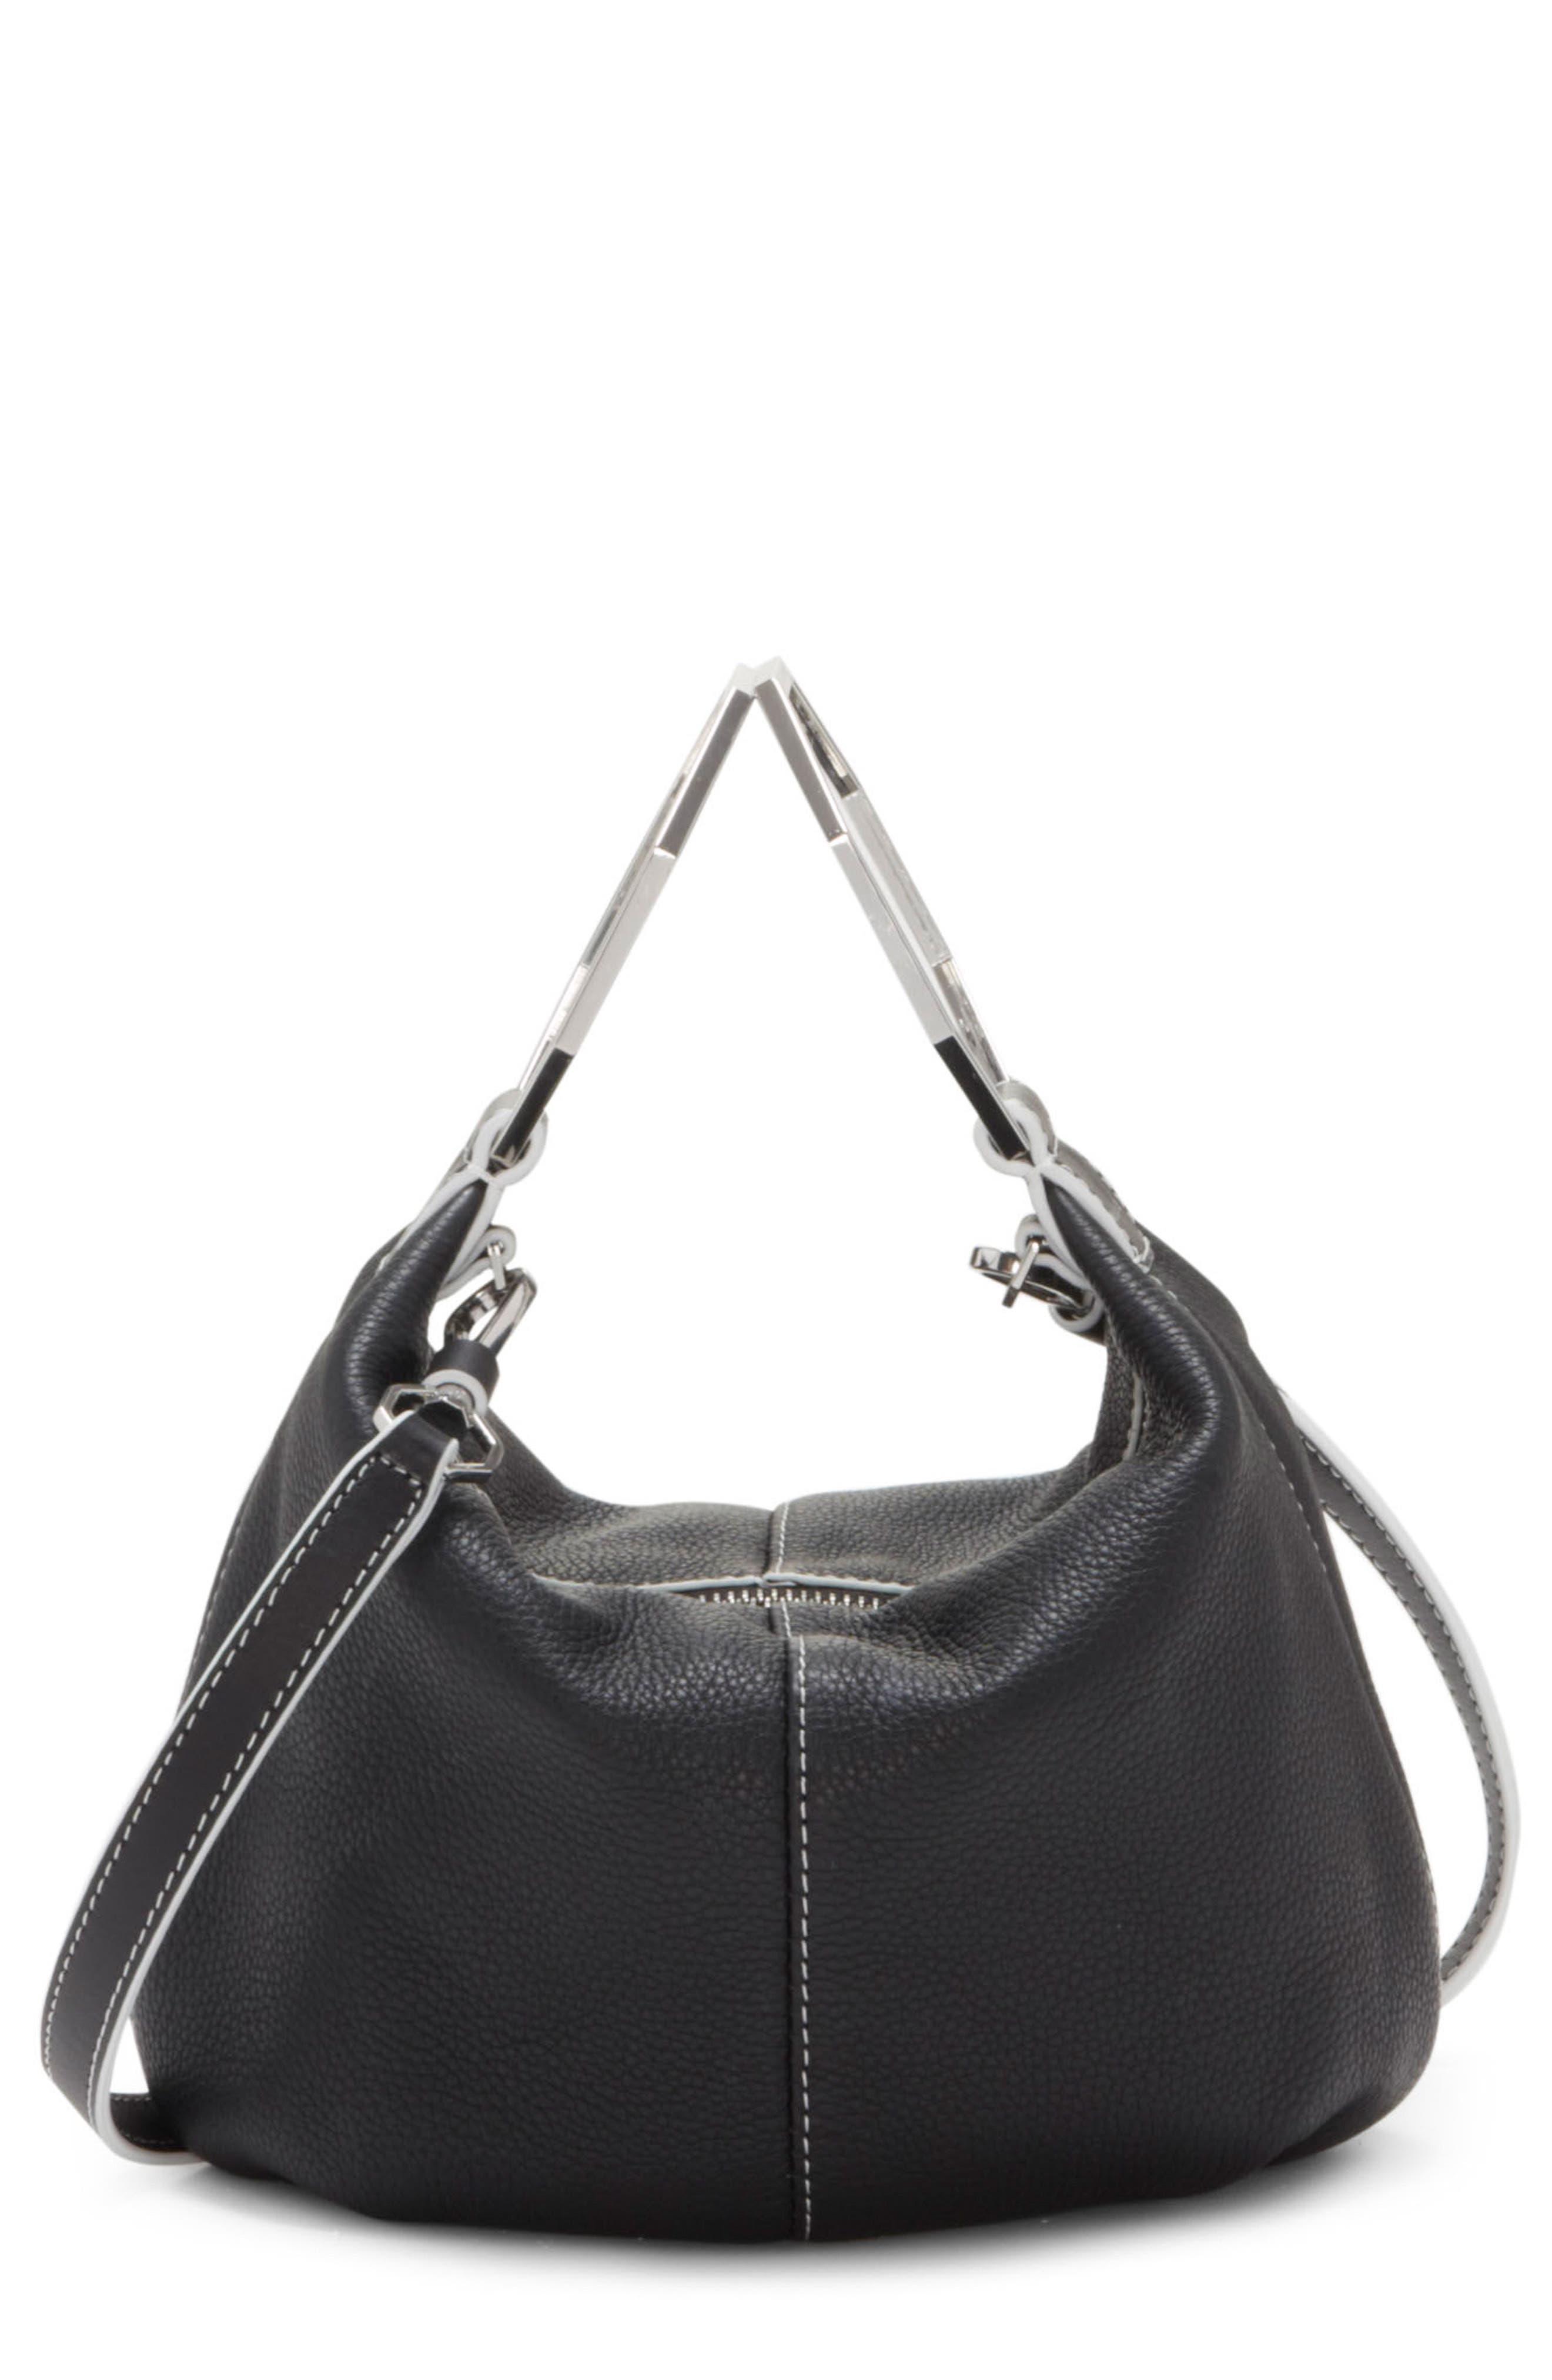 Louise et Cie Tysse Leather Bracelet Bag